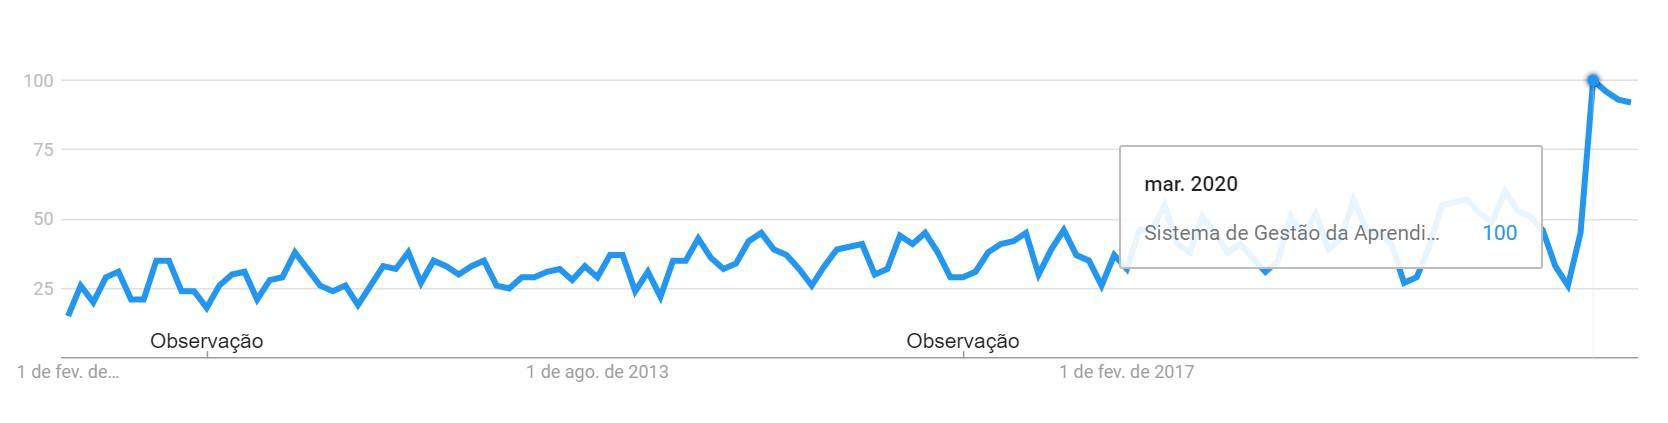 Pico da busca por sistema de gestão de aprendizagem no google trends